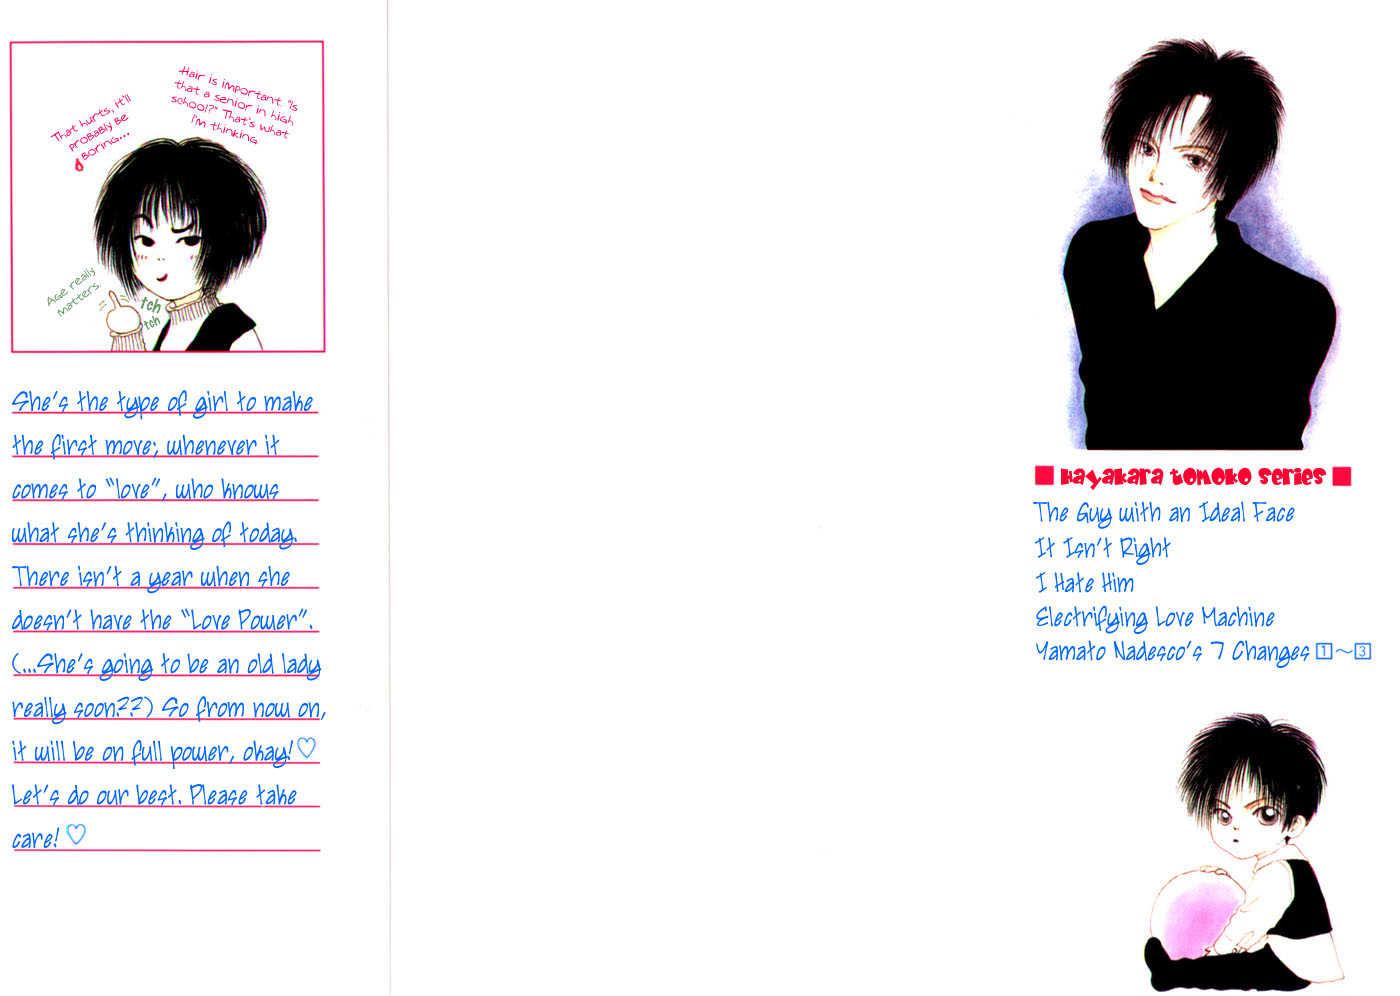 Risou no Kao wo Motsu Otoko 1 Page 2